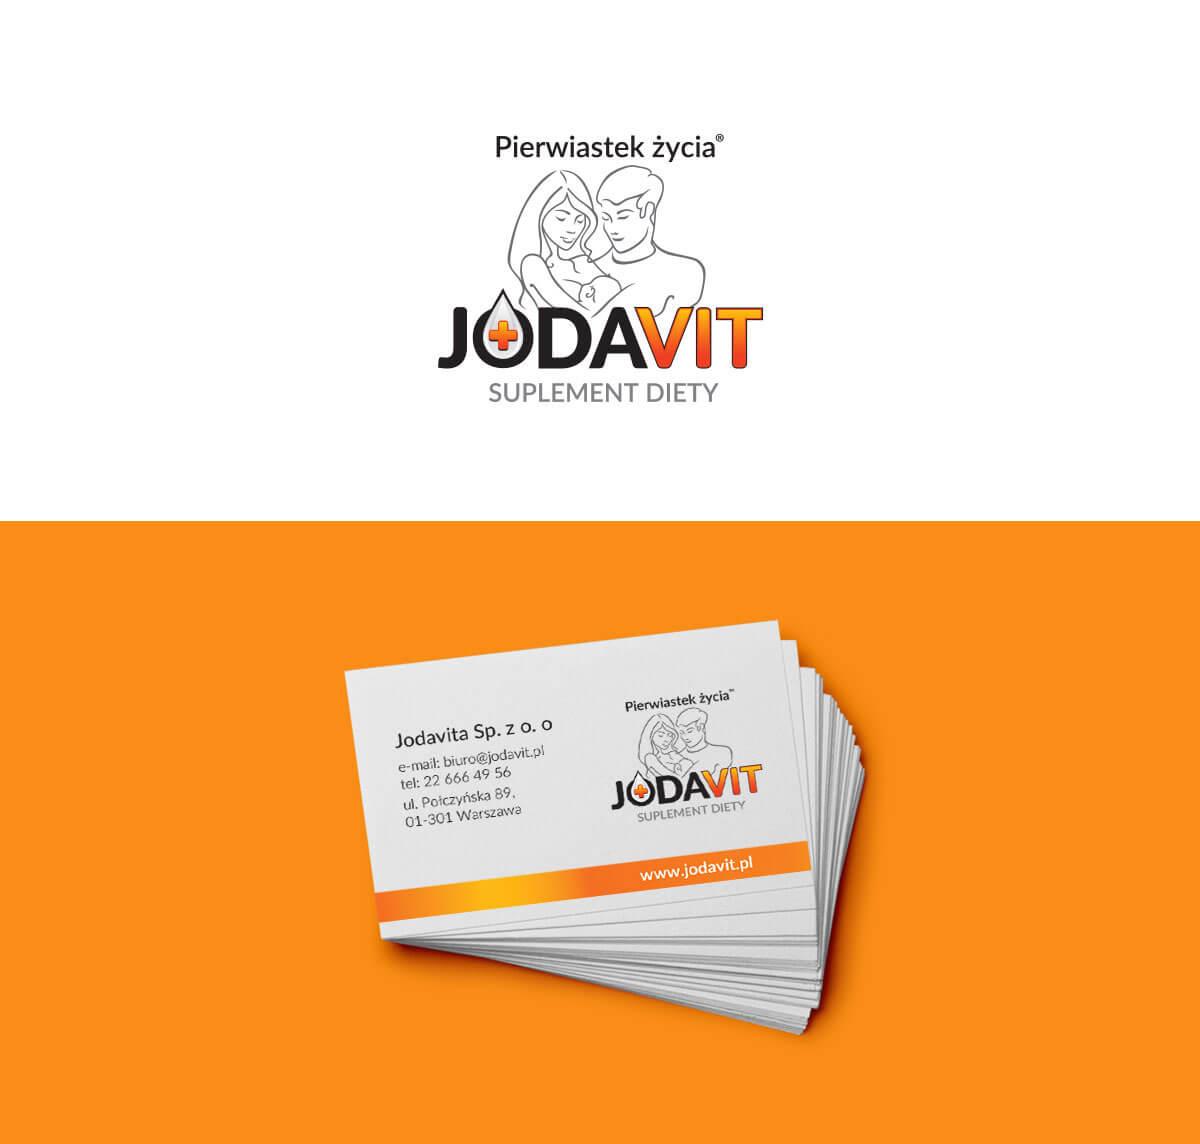 projektowanie logo jodavit